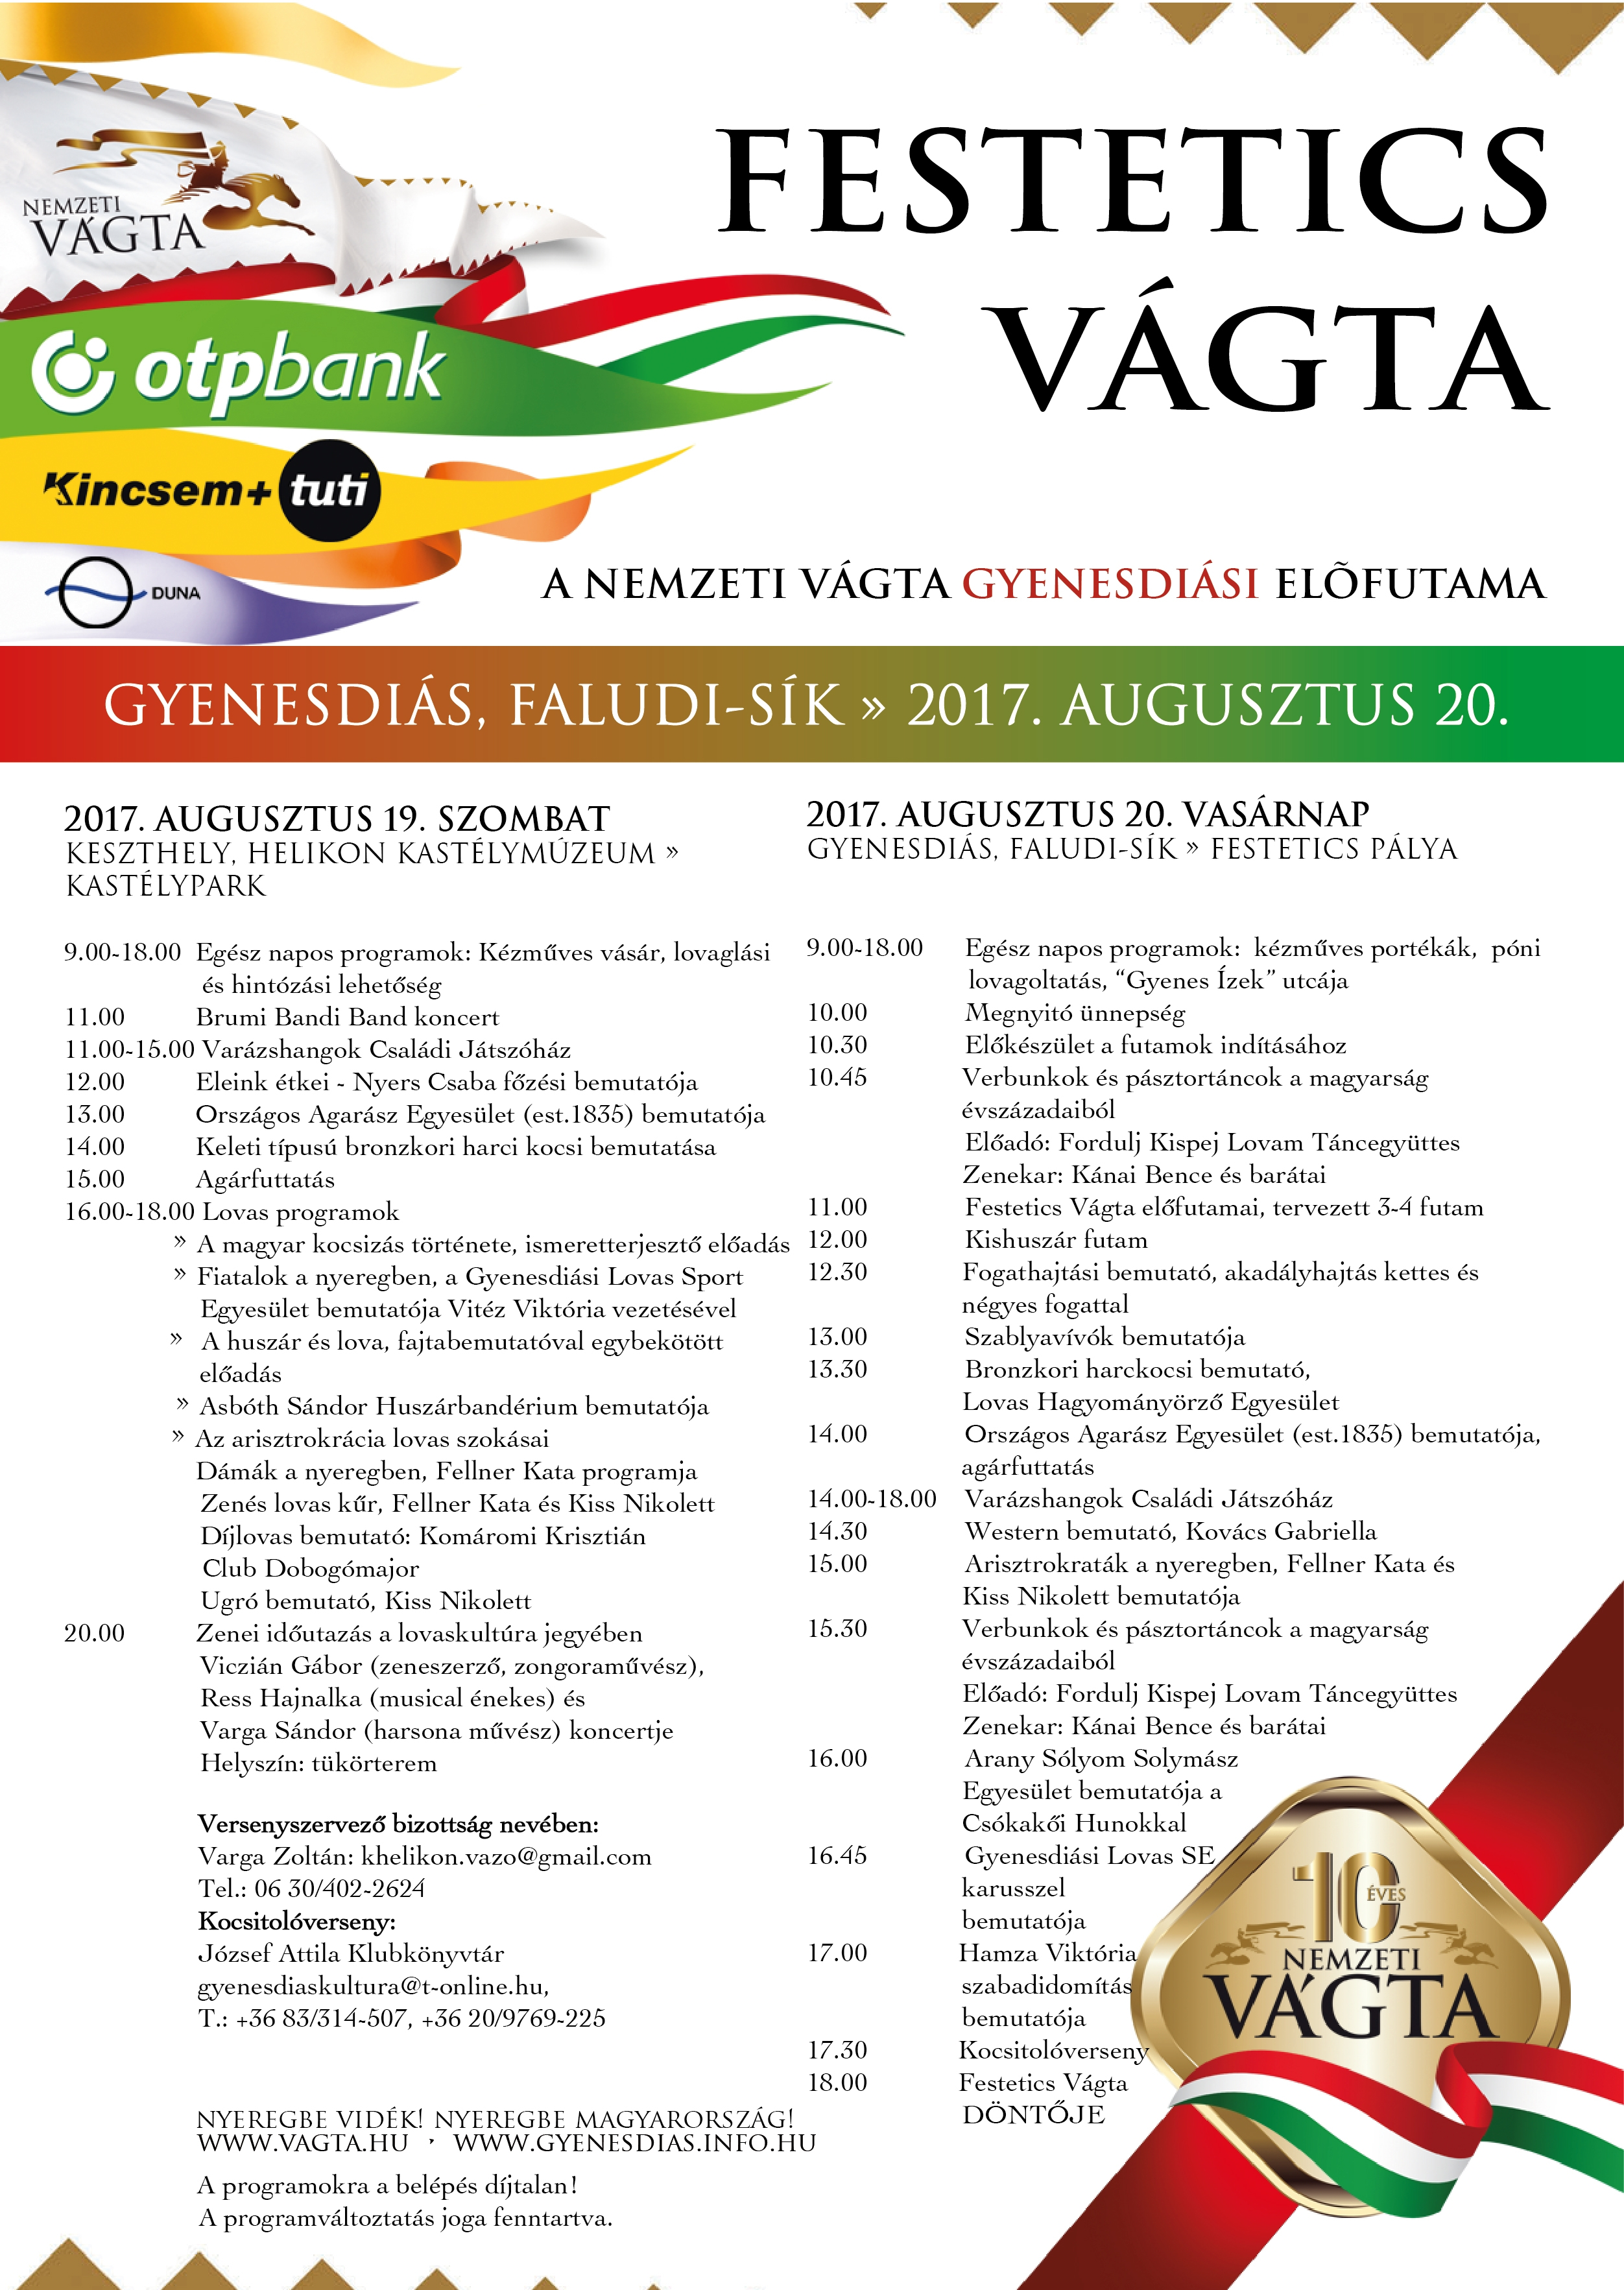 Festetics Vágta_plakát_2017 (2)_ONLINE 3-01